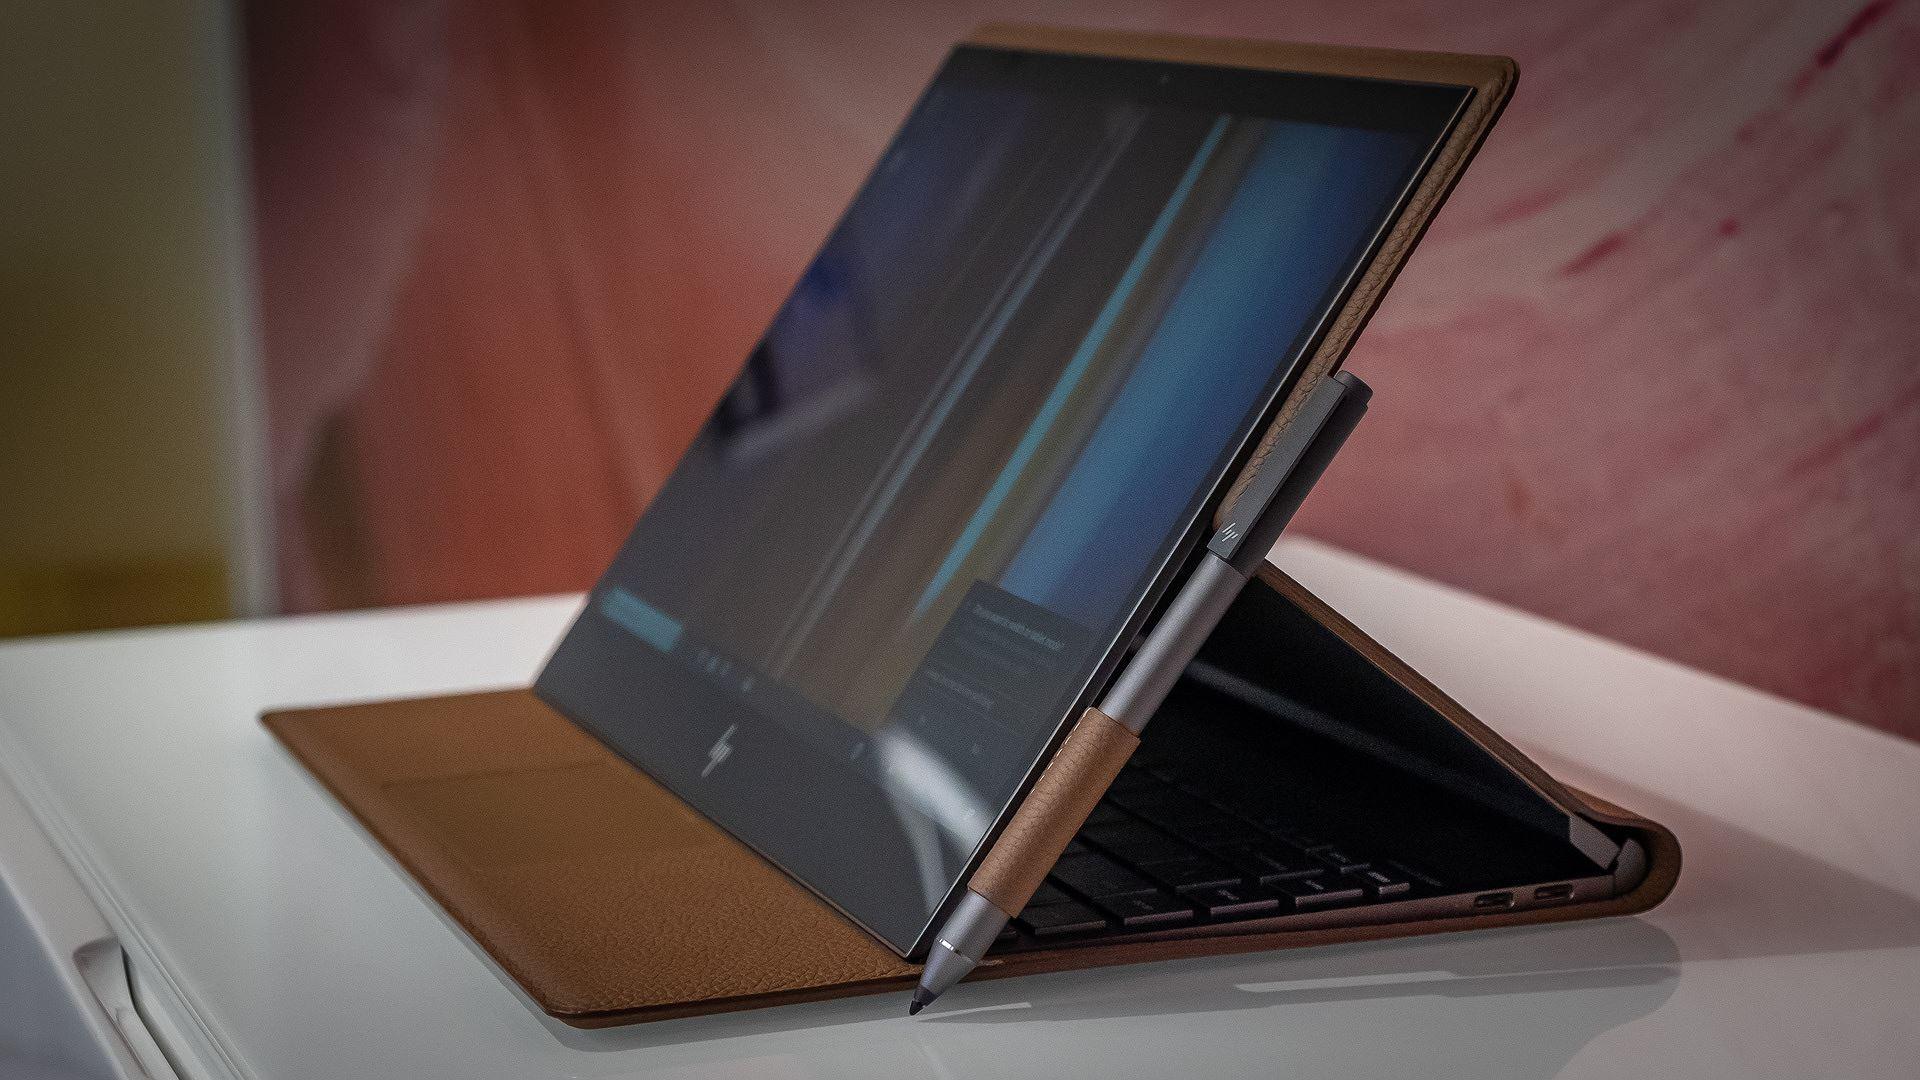 Chán nhôm và nhựa, HP giới thiệu laptop vỏ da đầu tiên trên thế giới Ảnh 9